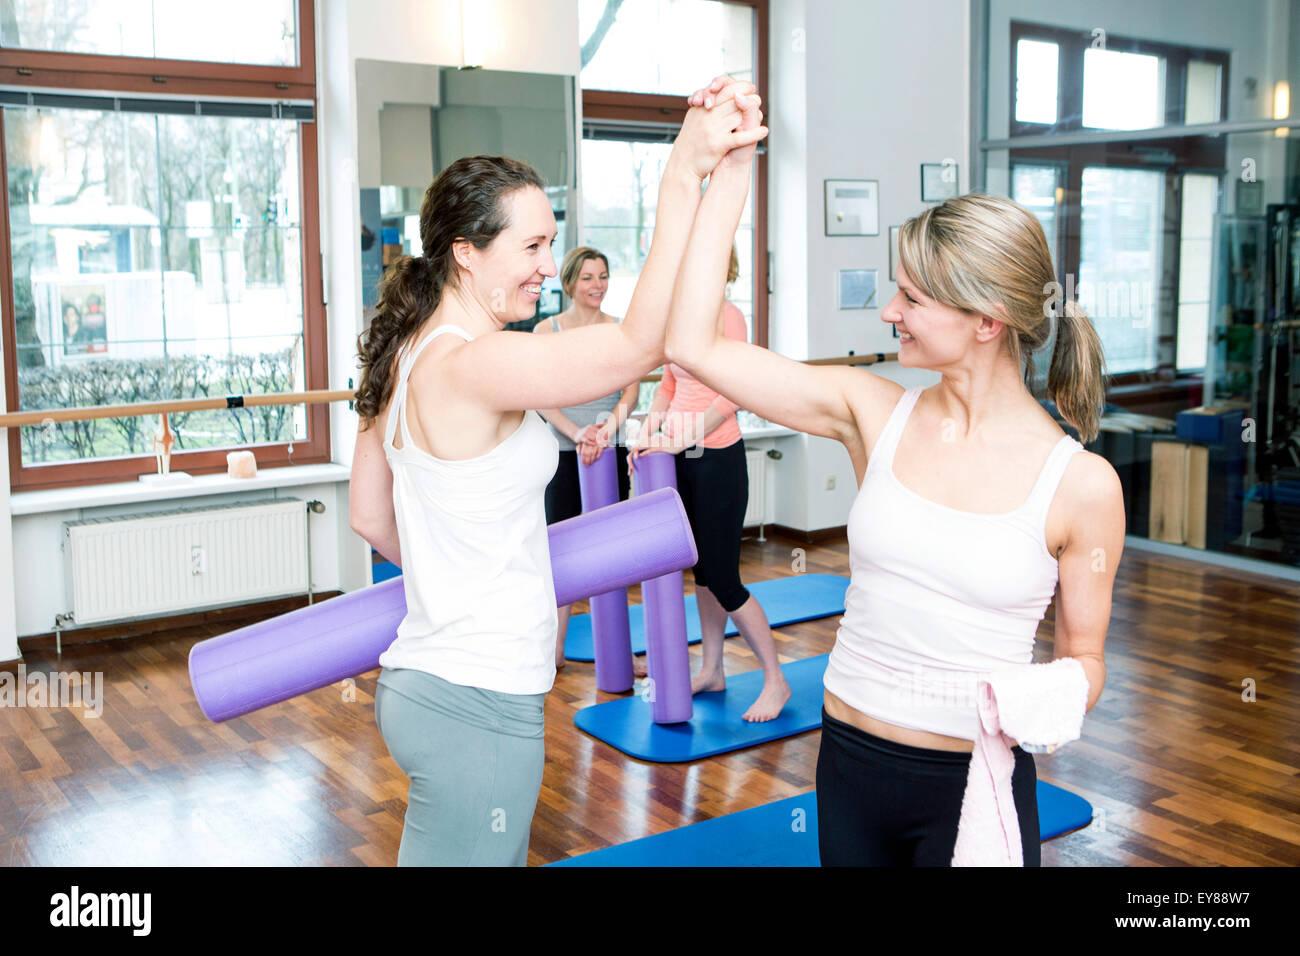 Las mujeres toman un descanso en clase de Pilates Imagen De Stock